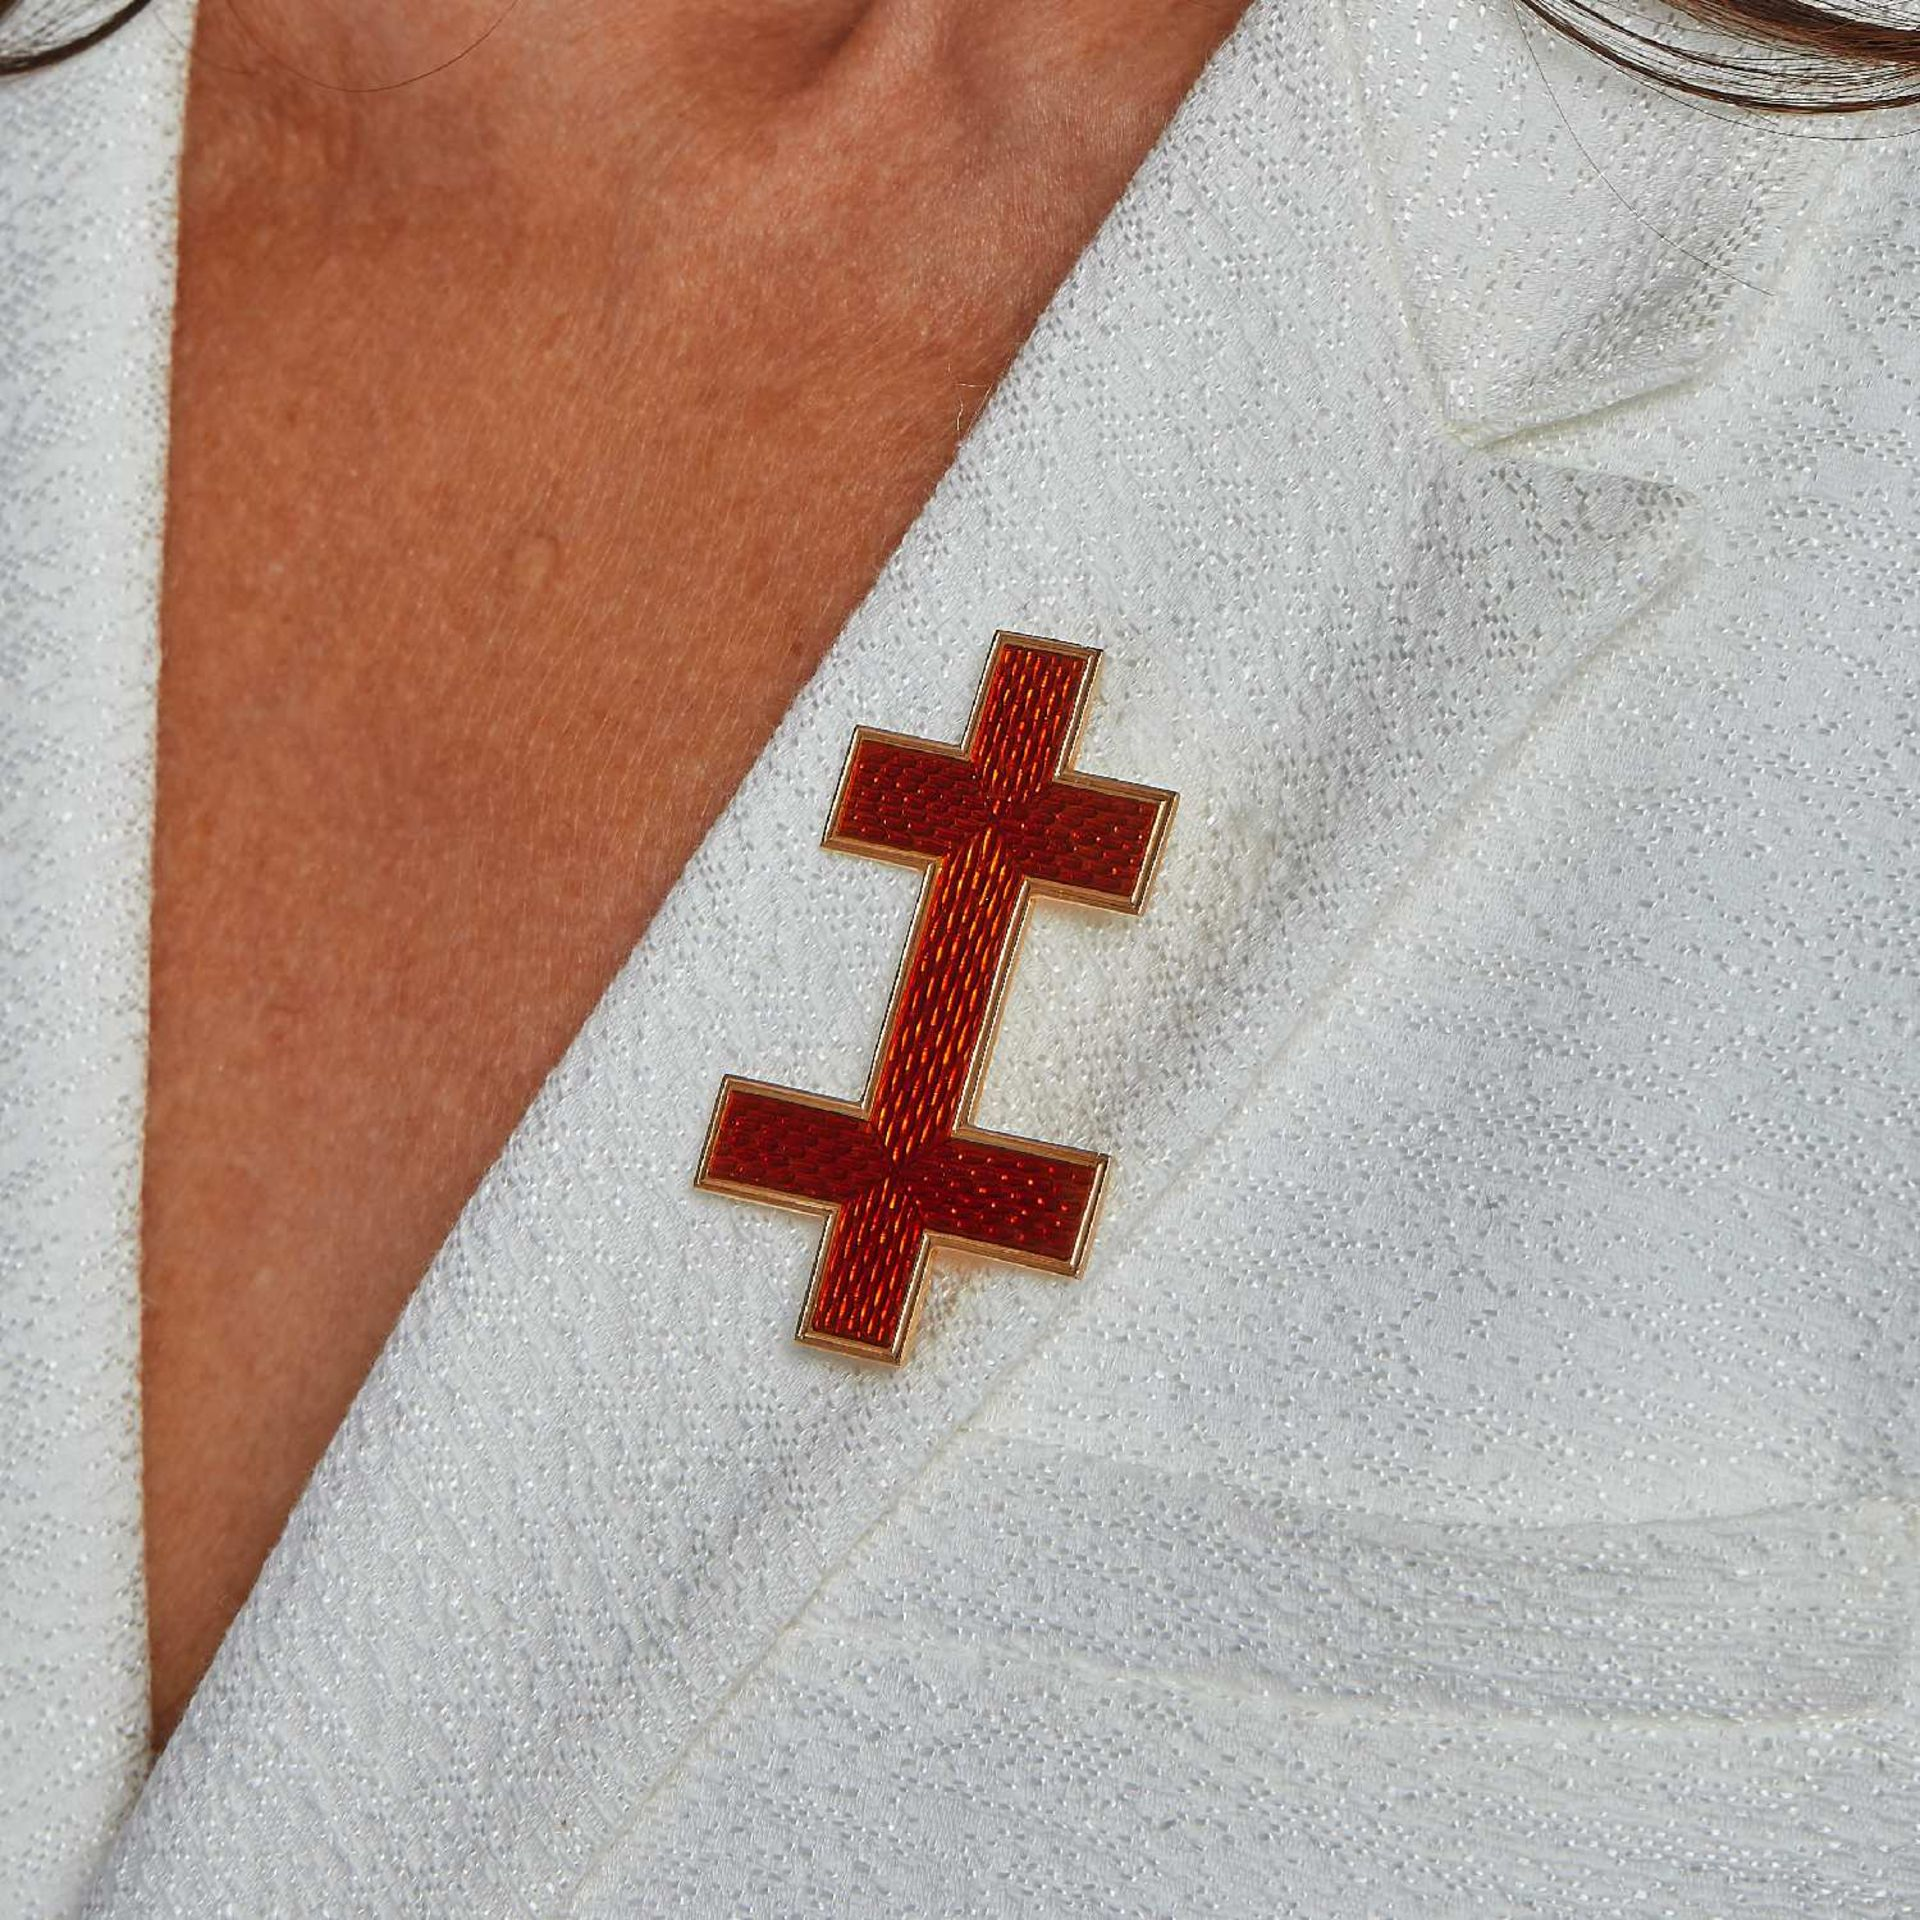 XIXEME SIECLE BROCHE CROIX DE LORRAINE Elle est en or jaune 18K émaillée rouge à fond guilloché. (